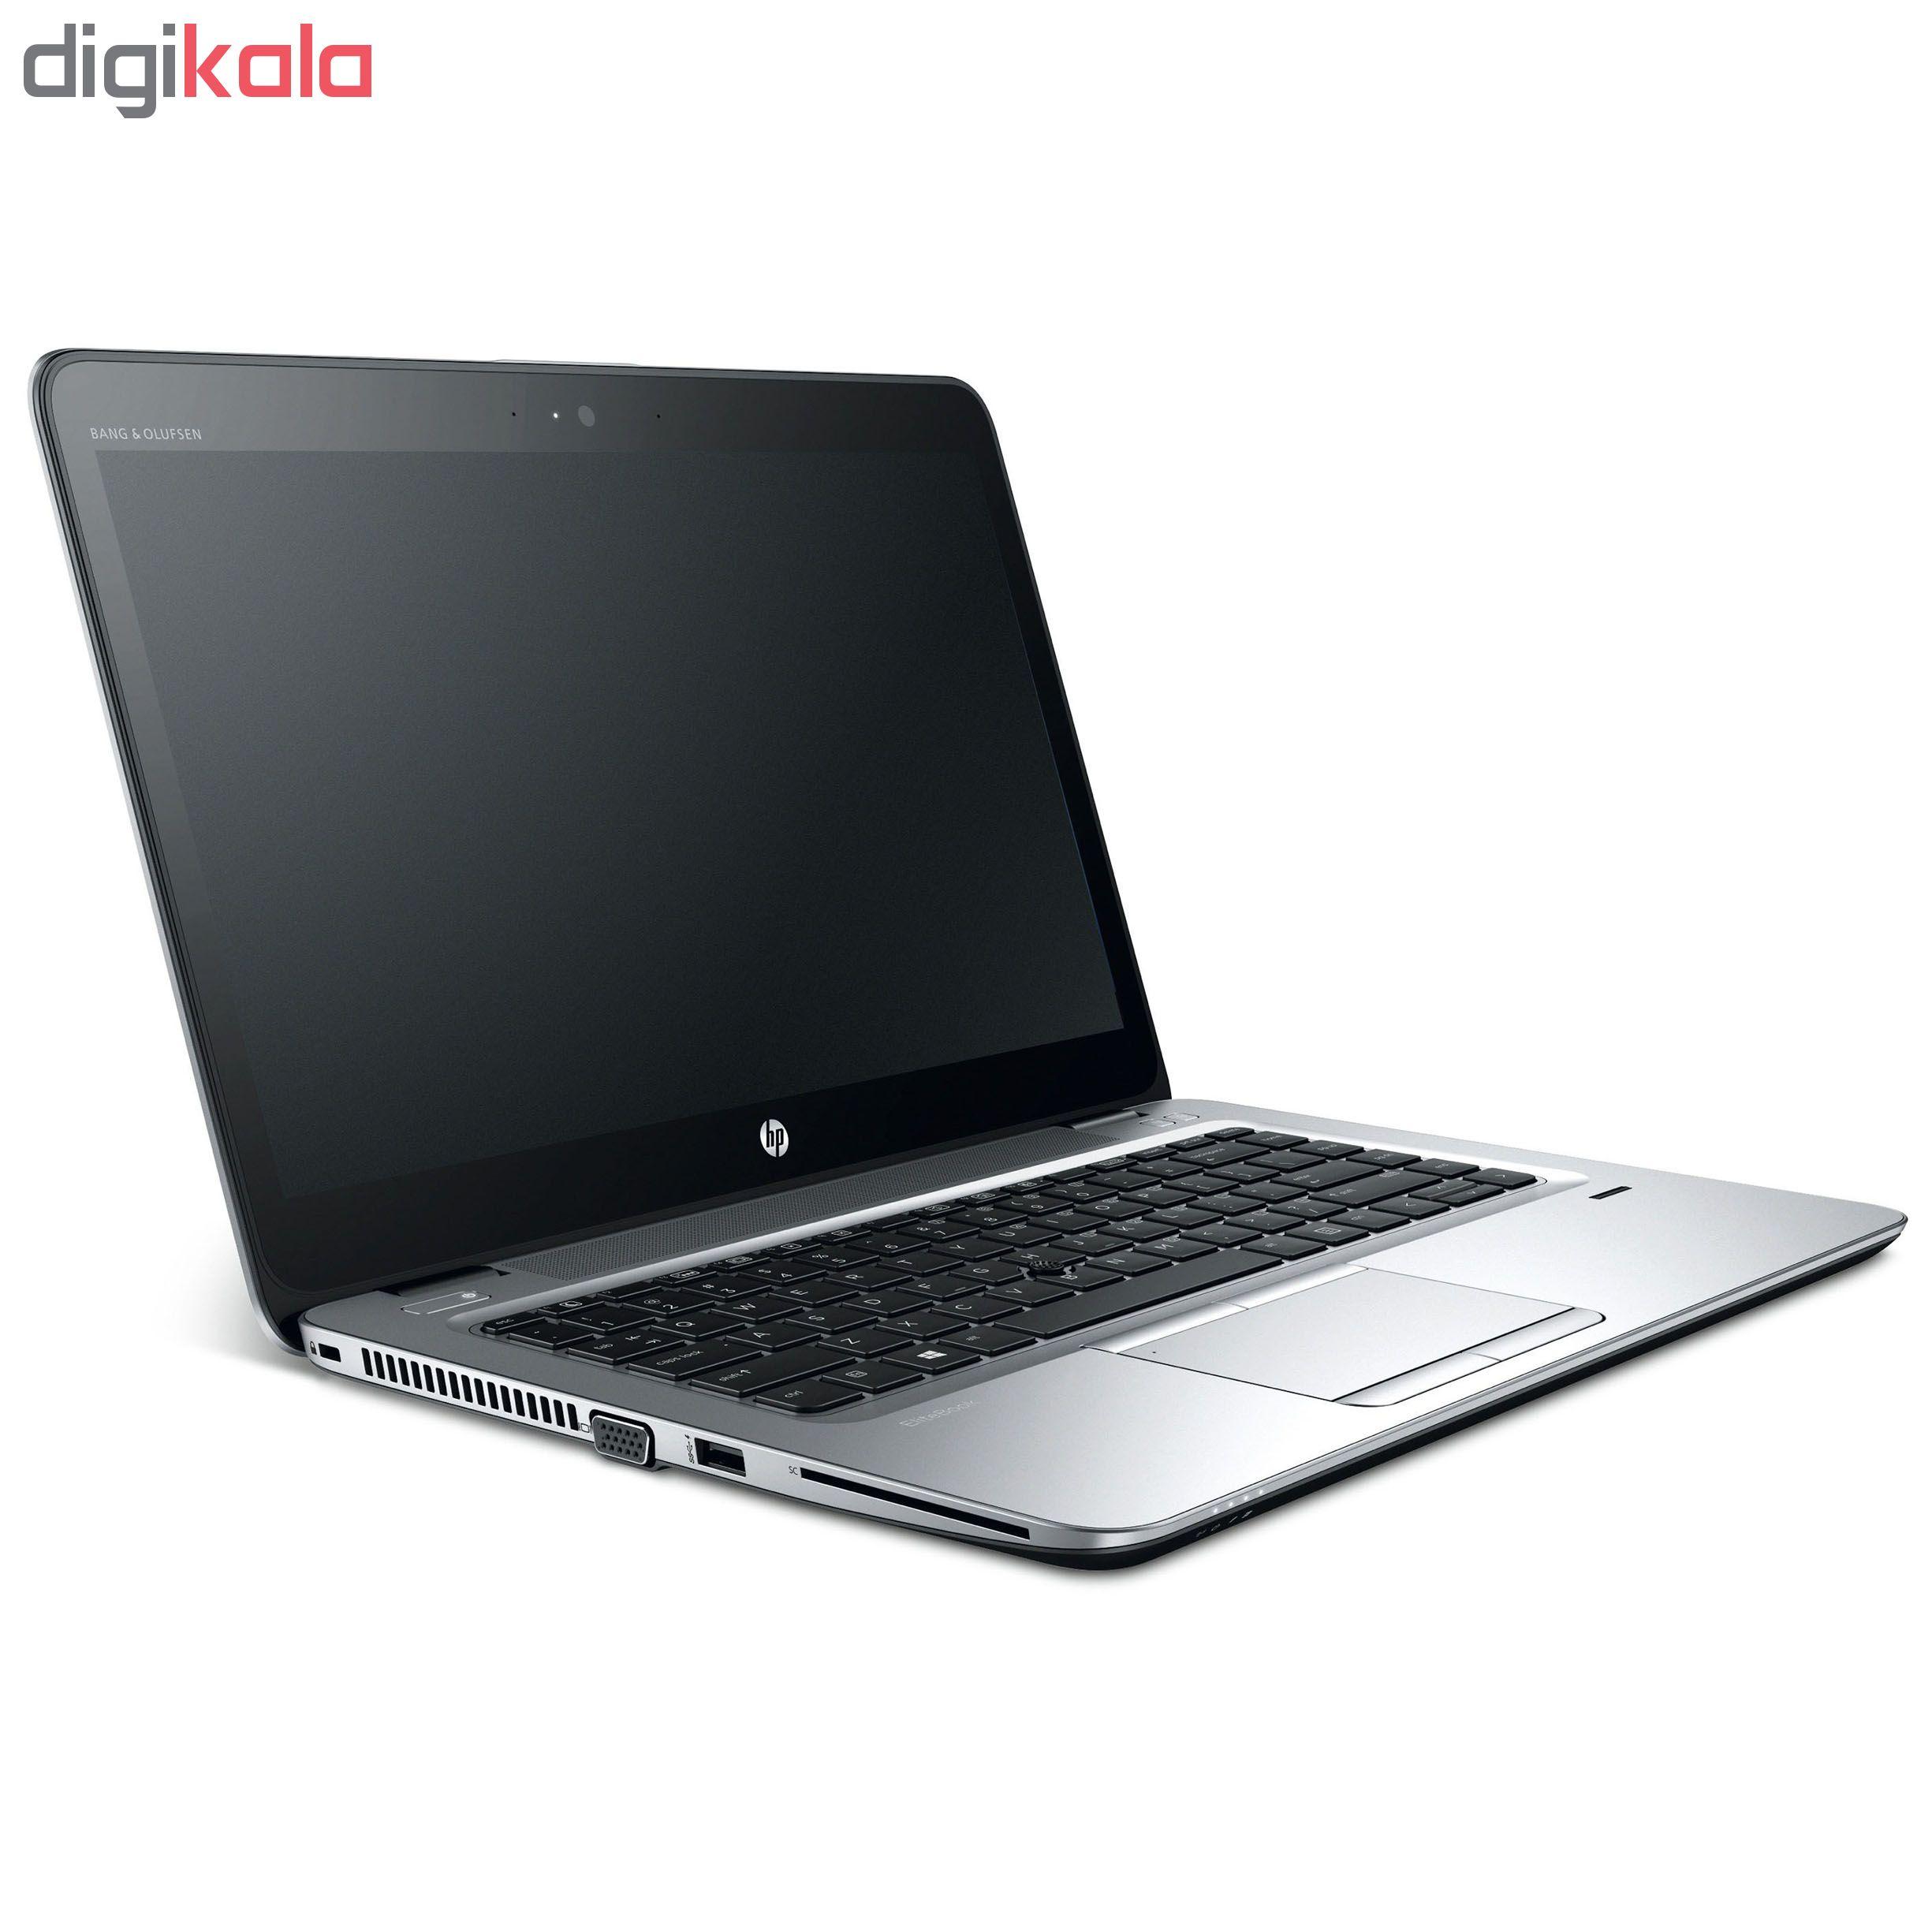 لپ تاپ 14 اینچی اچ پی مدل EliteBook 840 - C